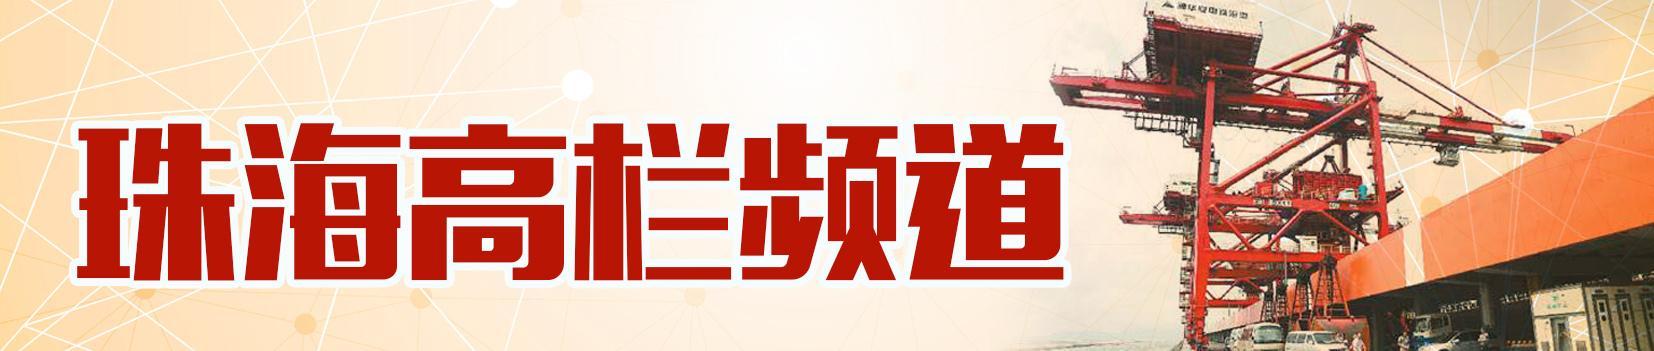 """向""""五毛食品""""宣战!高栏港区清查""""315""""晚"""